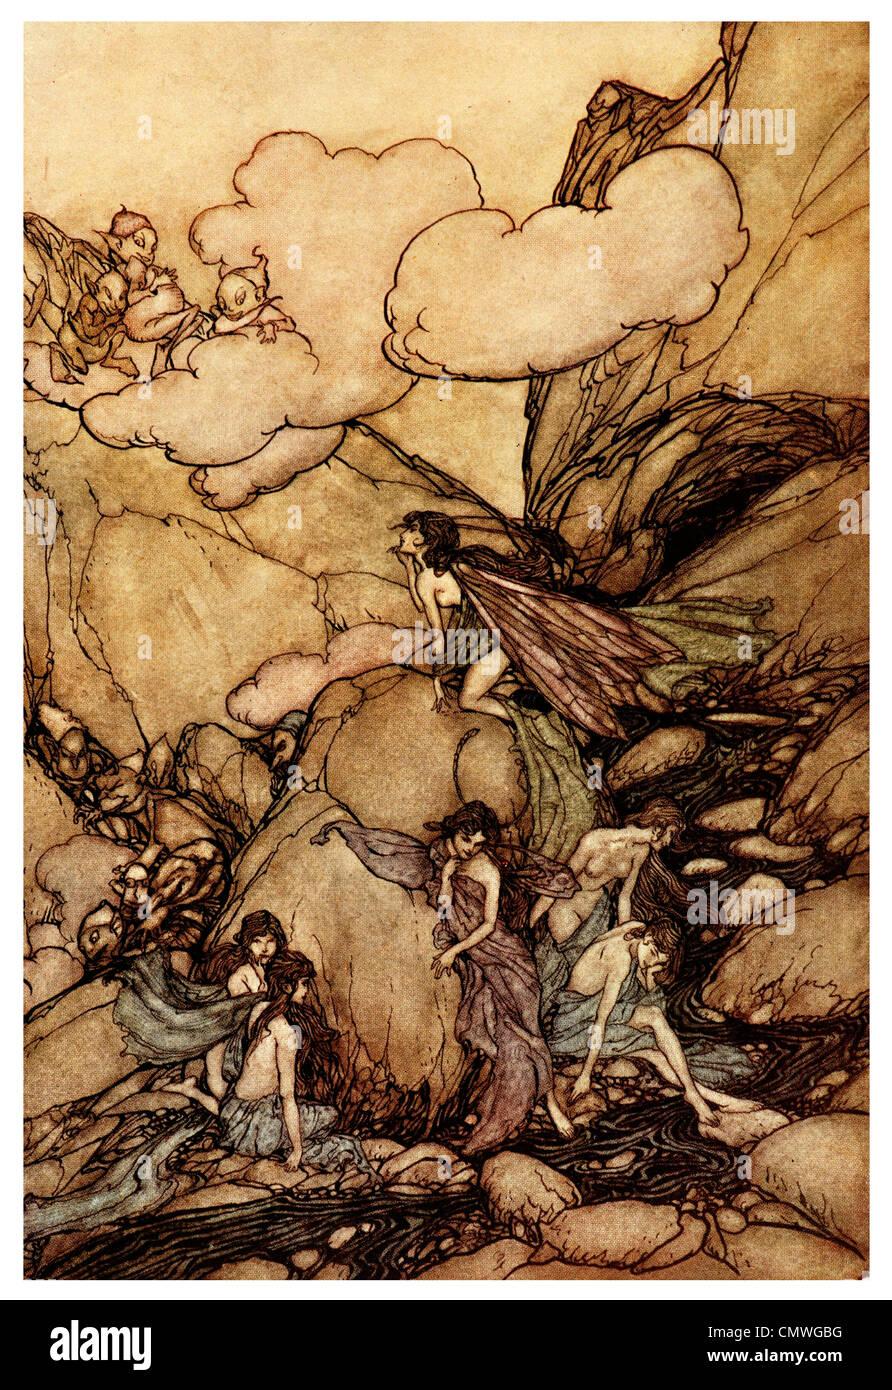 Arthur Rackham Rip Van Winkle fairy tale - Stock Image